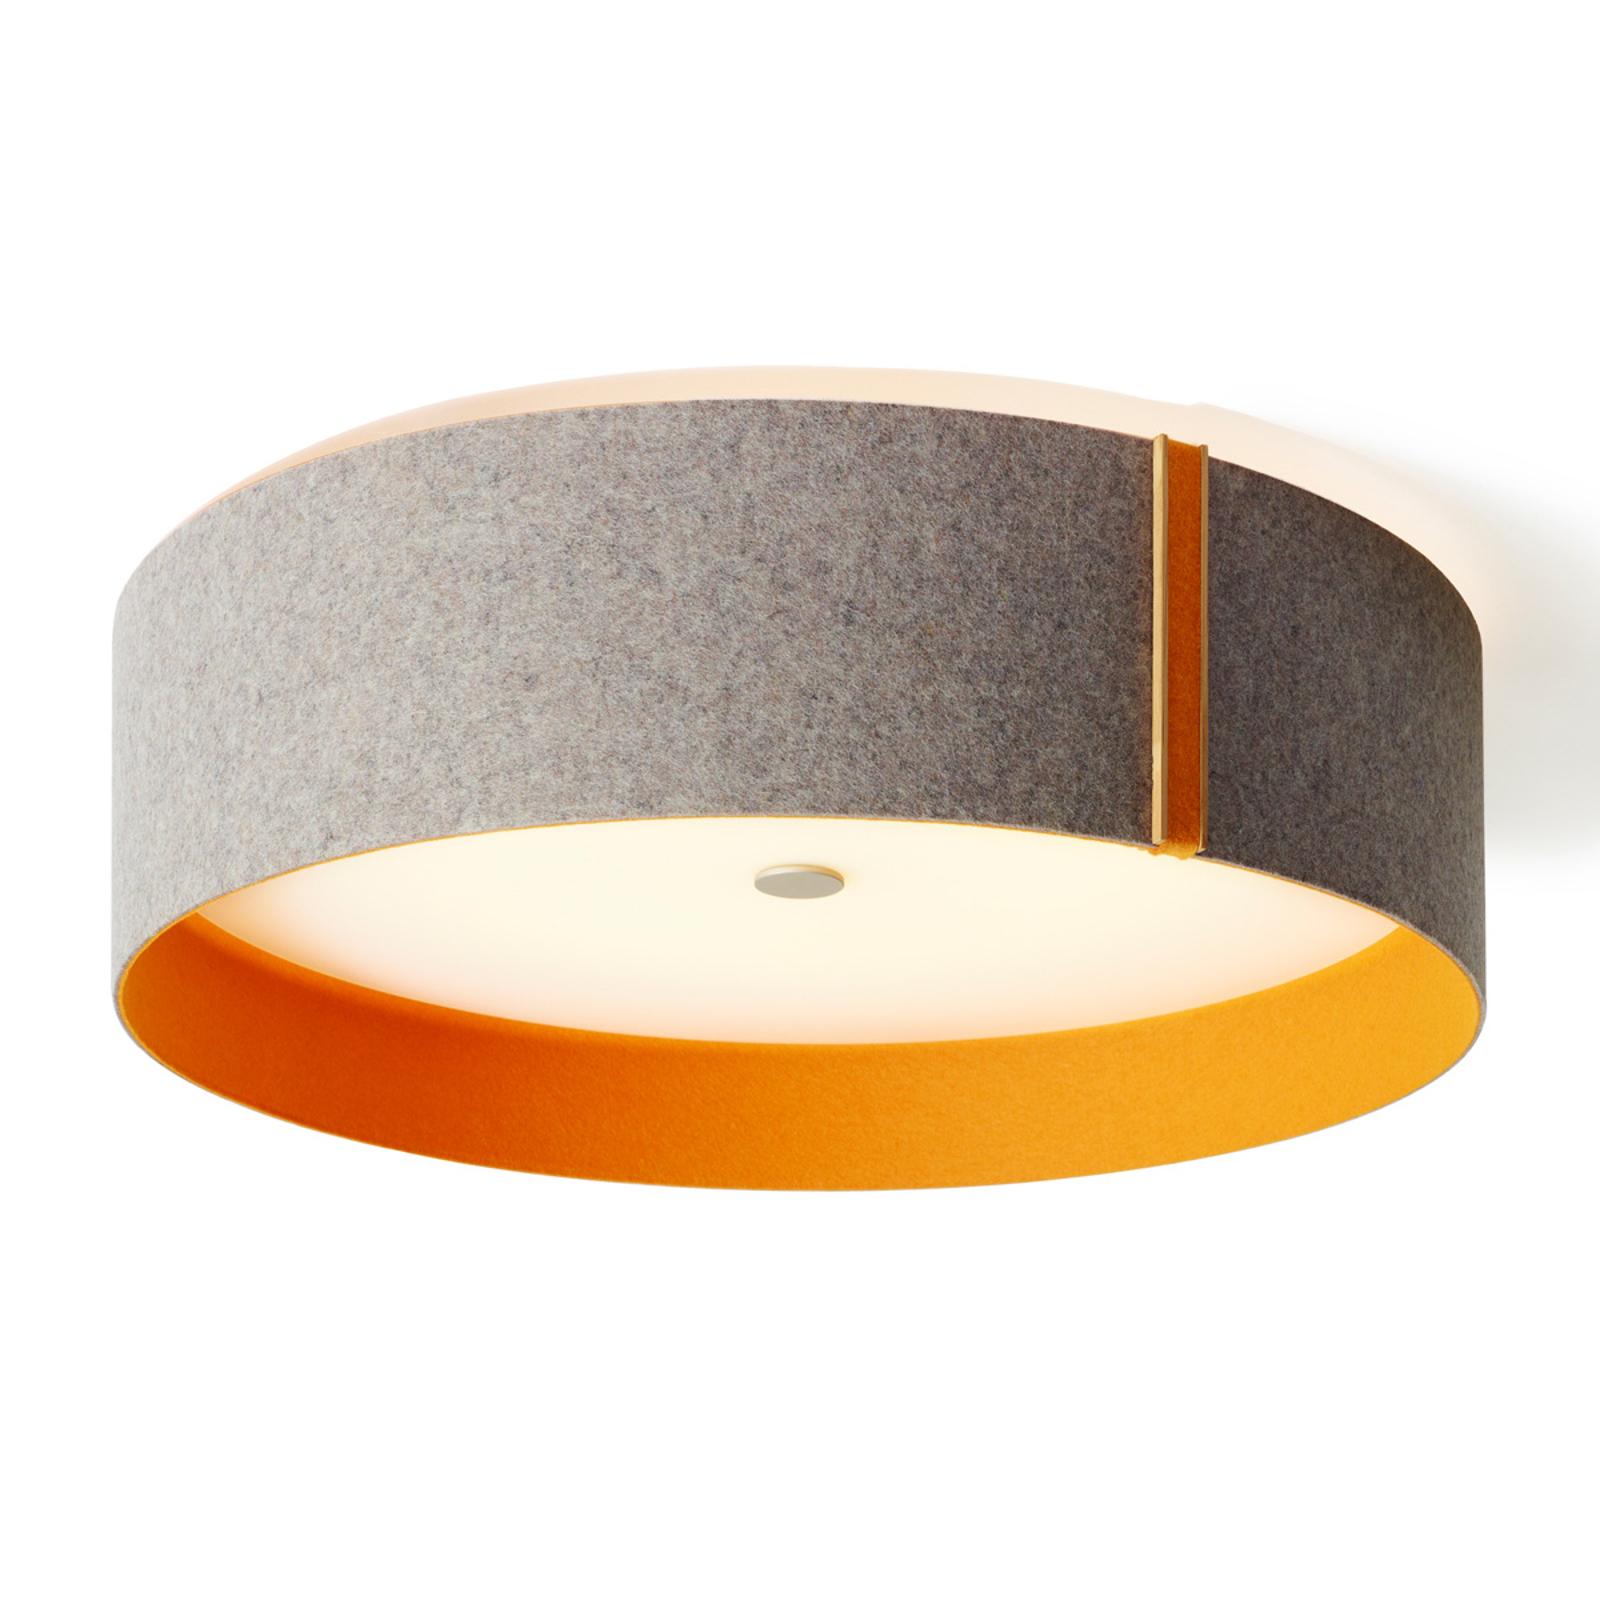 Lara felt – filttaklampa med LED grå-orange